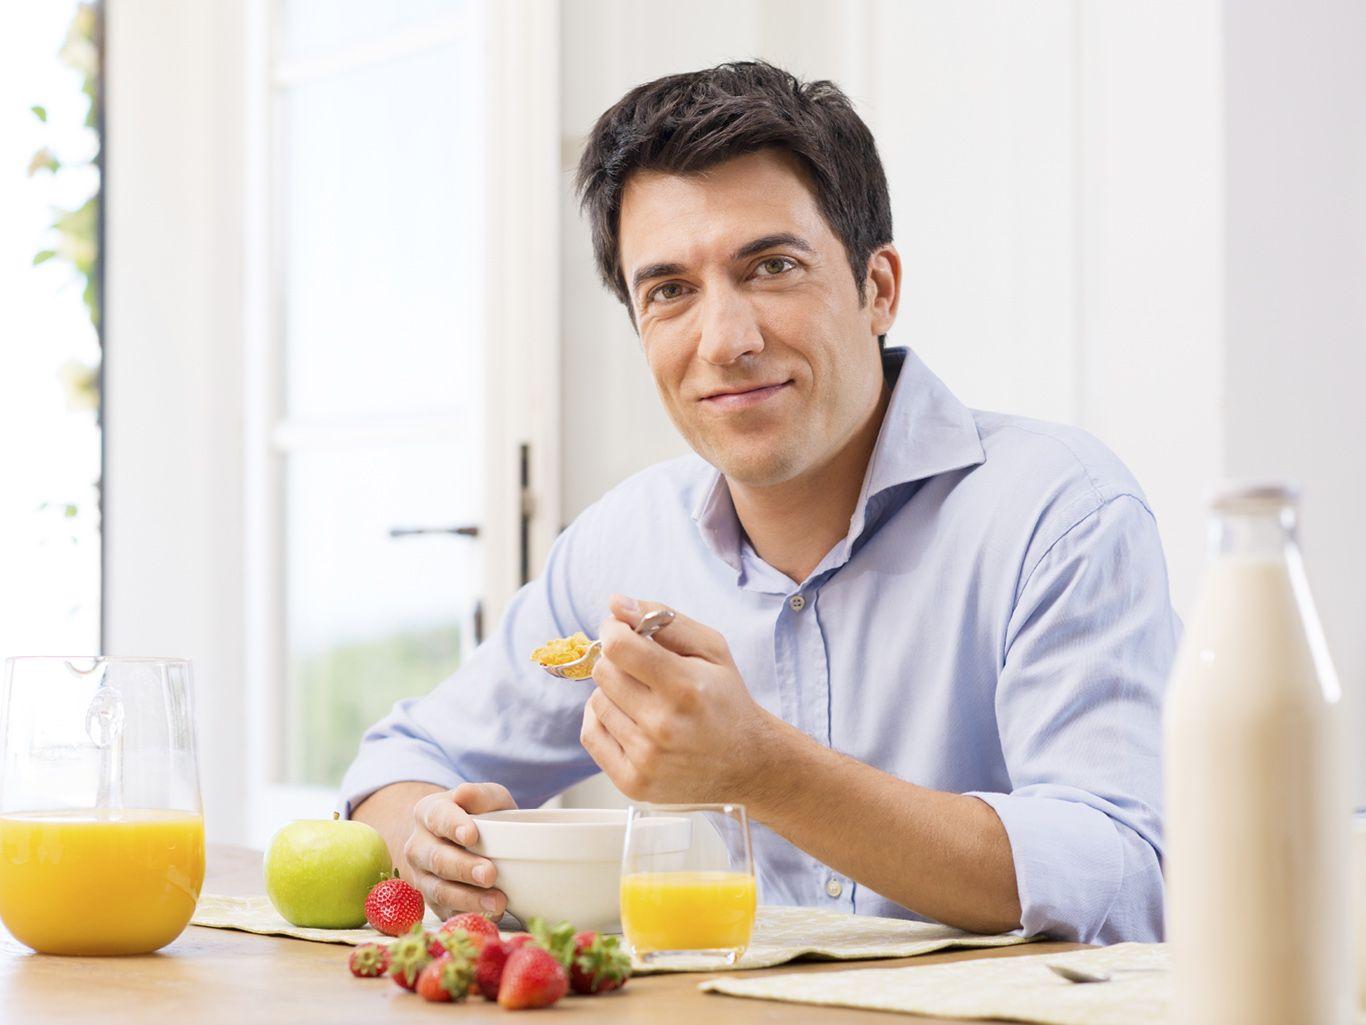 Питание при простатите: вредные и полезные продукты. Диета и правильное питание при простатите